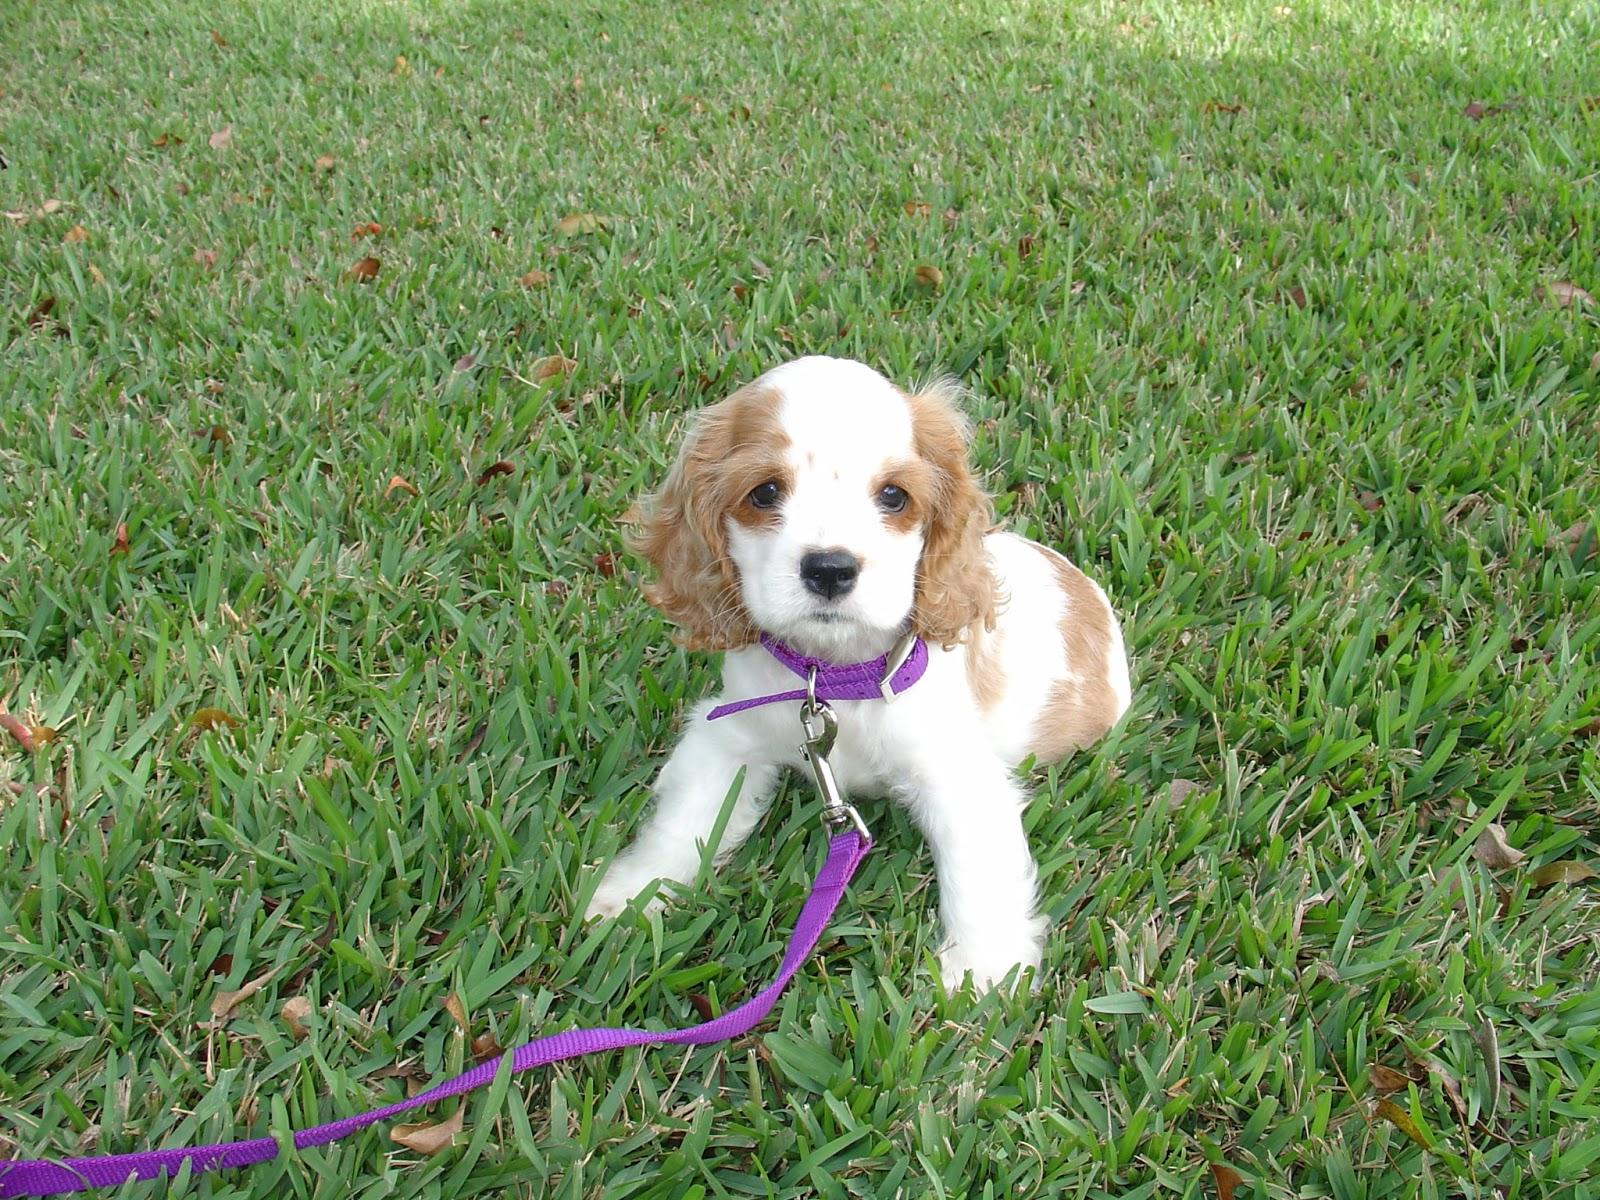 Cocker Spaniel Puppy/Dog